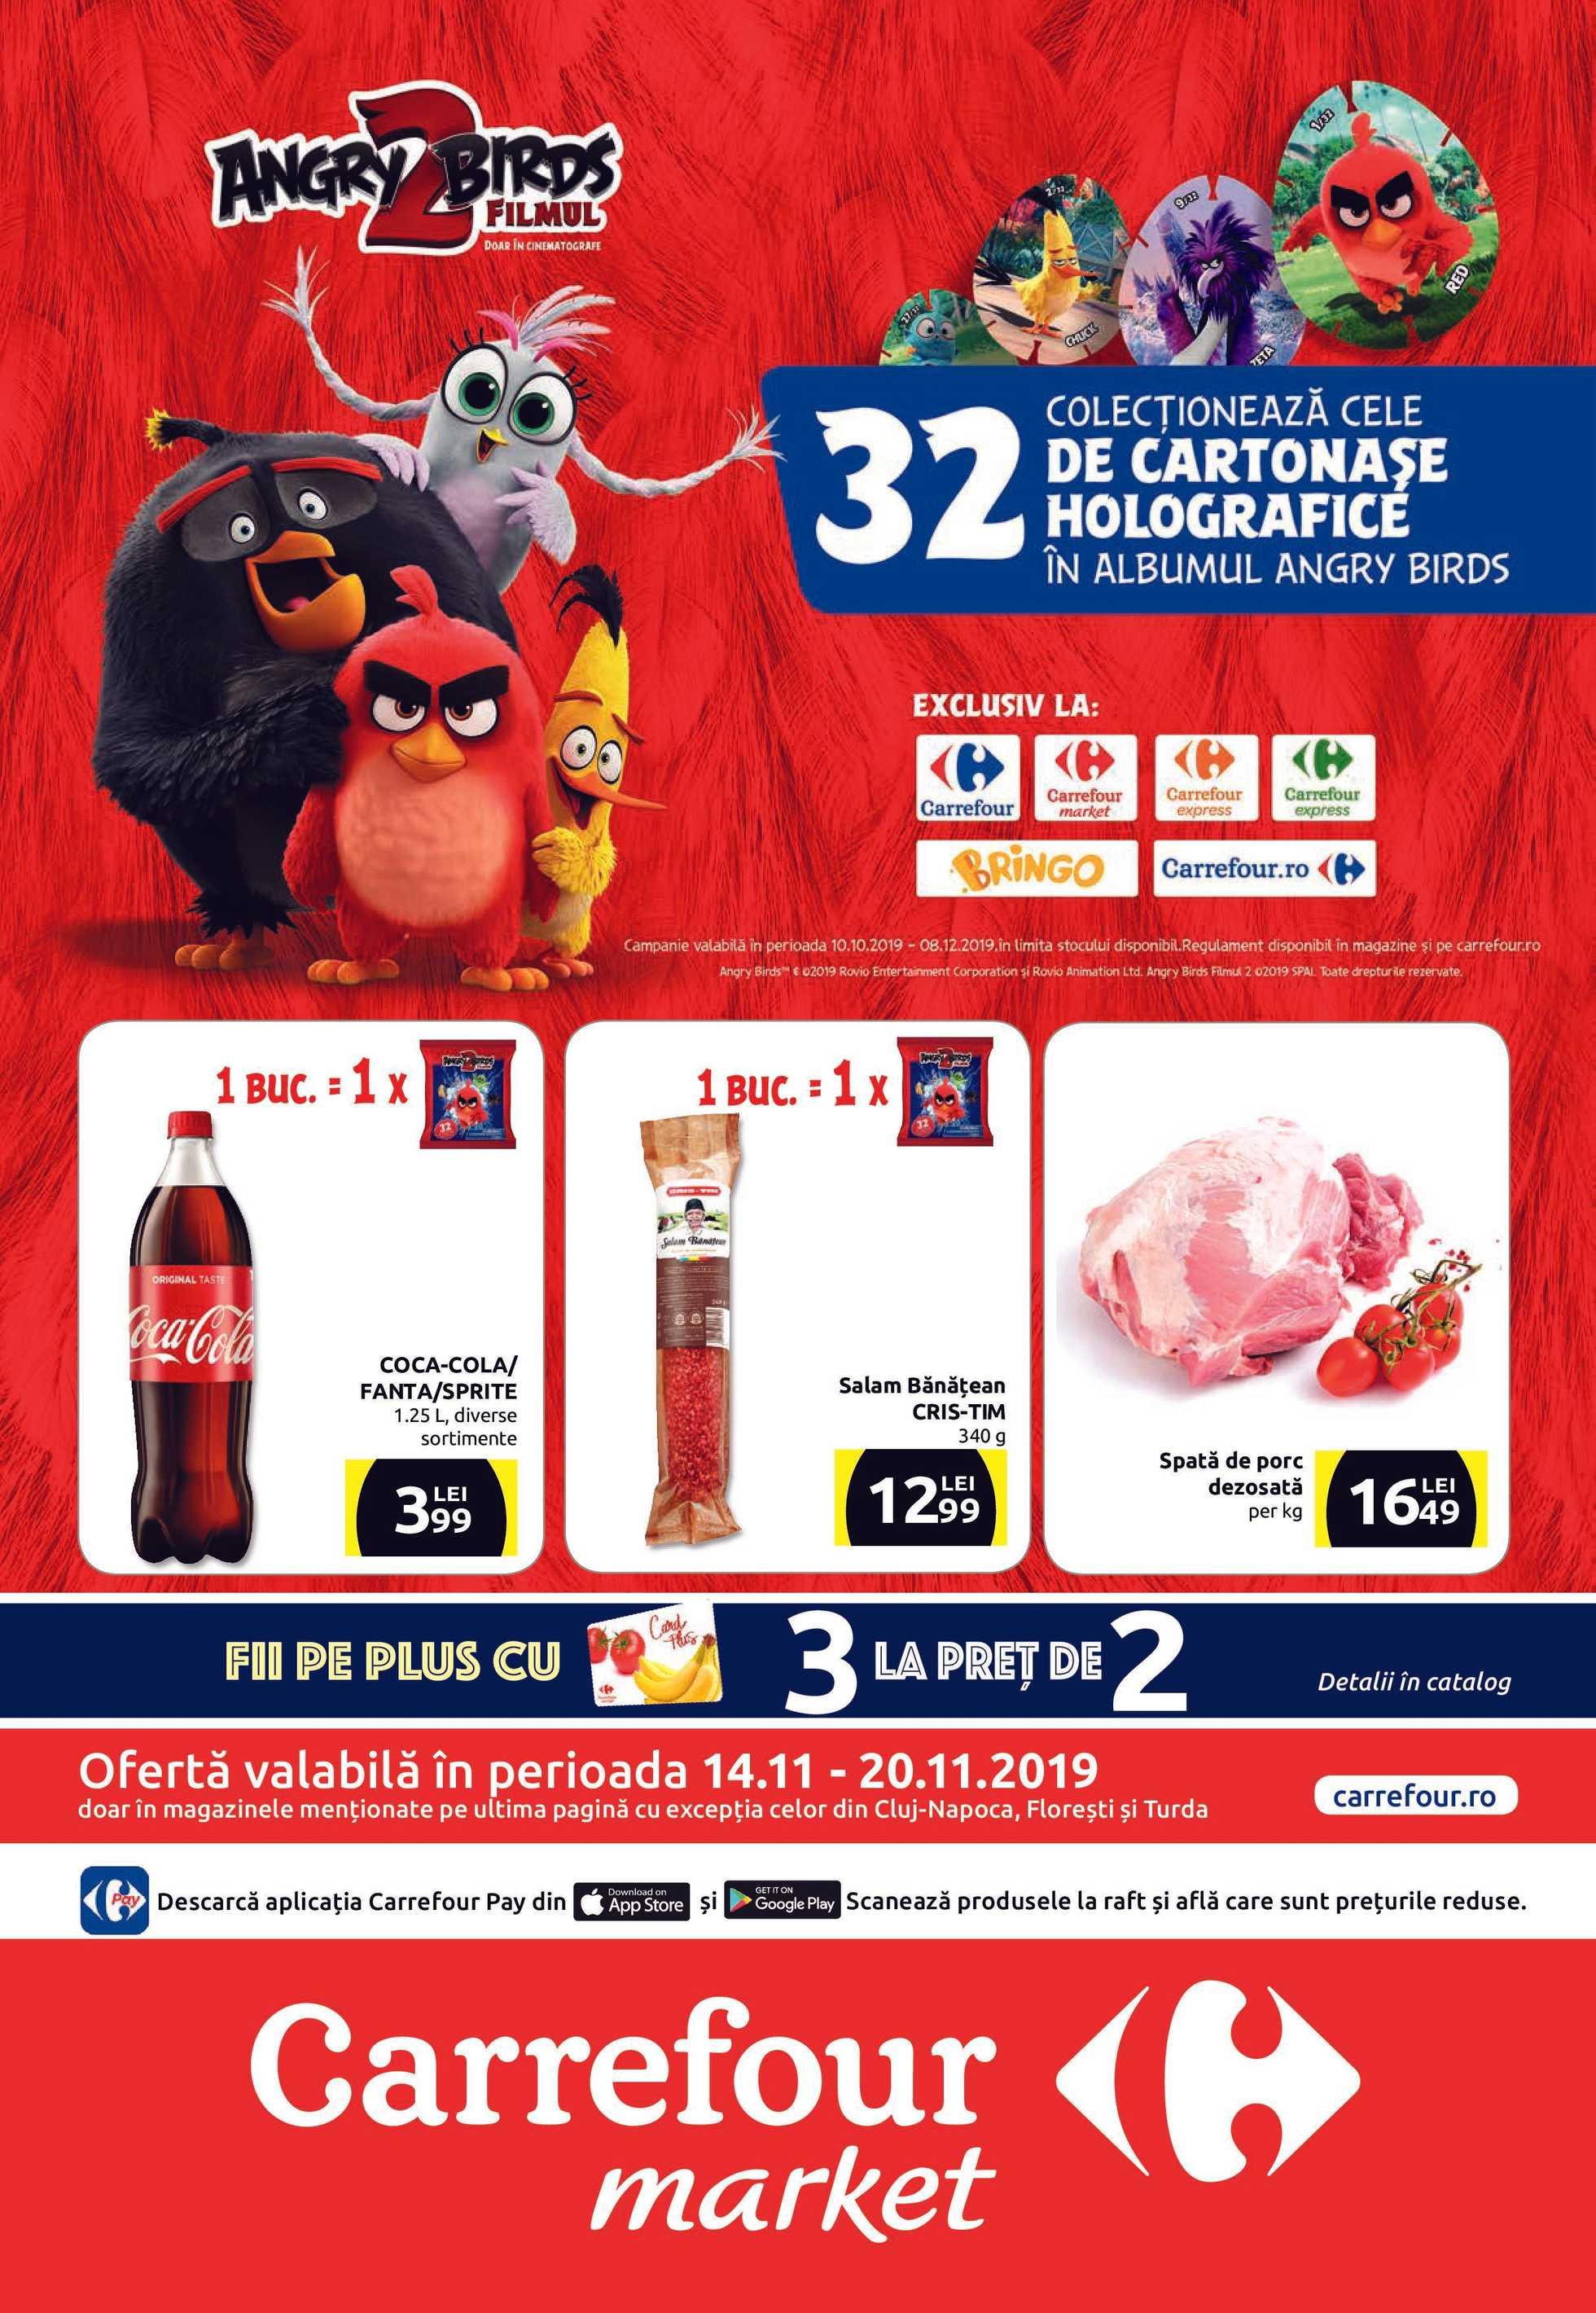 Carrefour Market - promo începând de la 14.11.2019 până la 20.11.2019 - pagină 1.